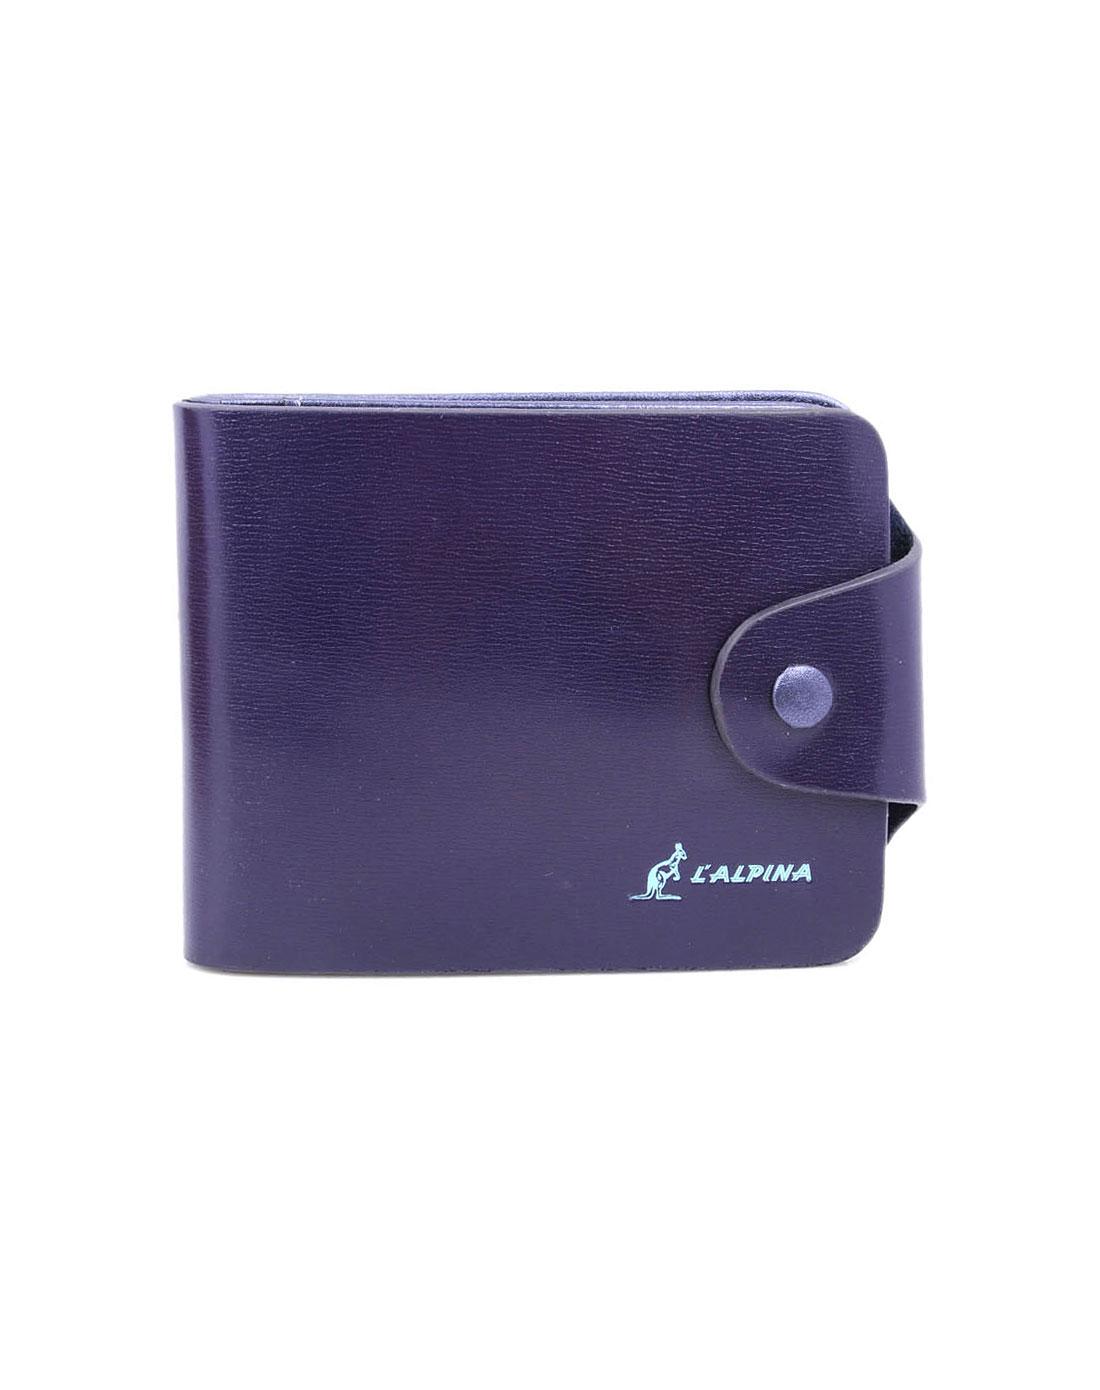 阿尔皮纳袋鼠女包紫色时尚钱包